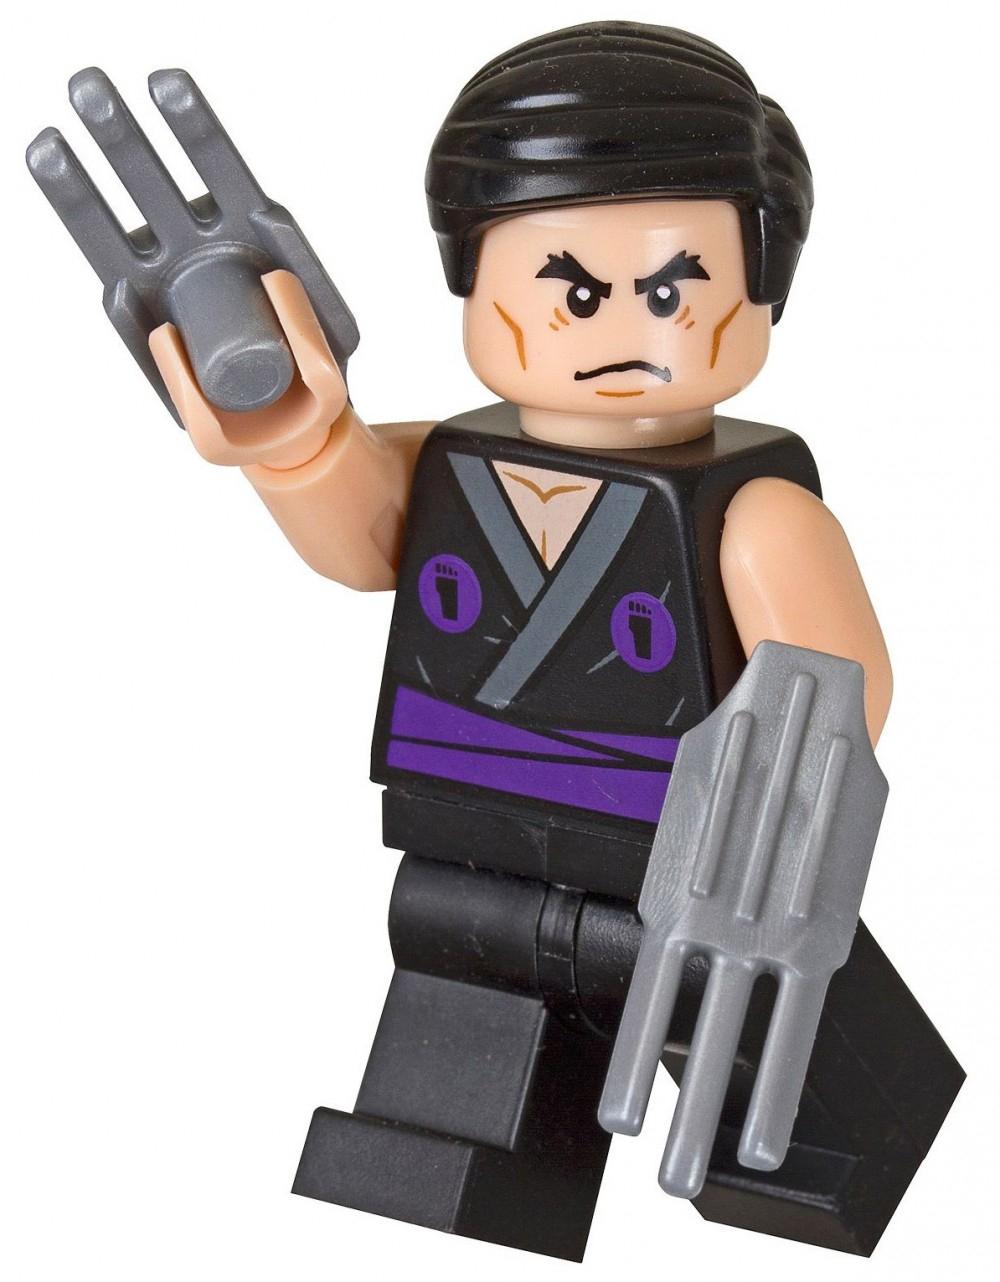 Lego Tortues Ninja 5002127 Pas Cher, Flashback Shredder intérieur Tortue Ninja Shredder